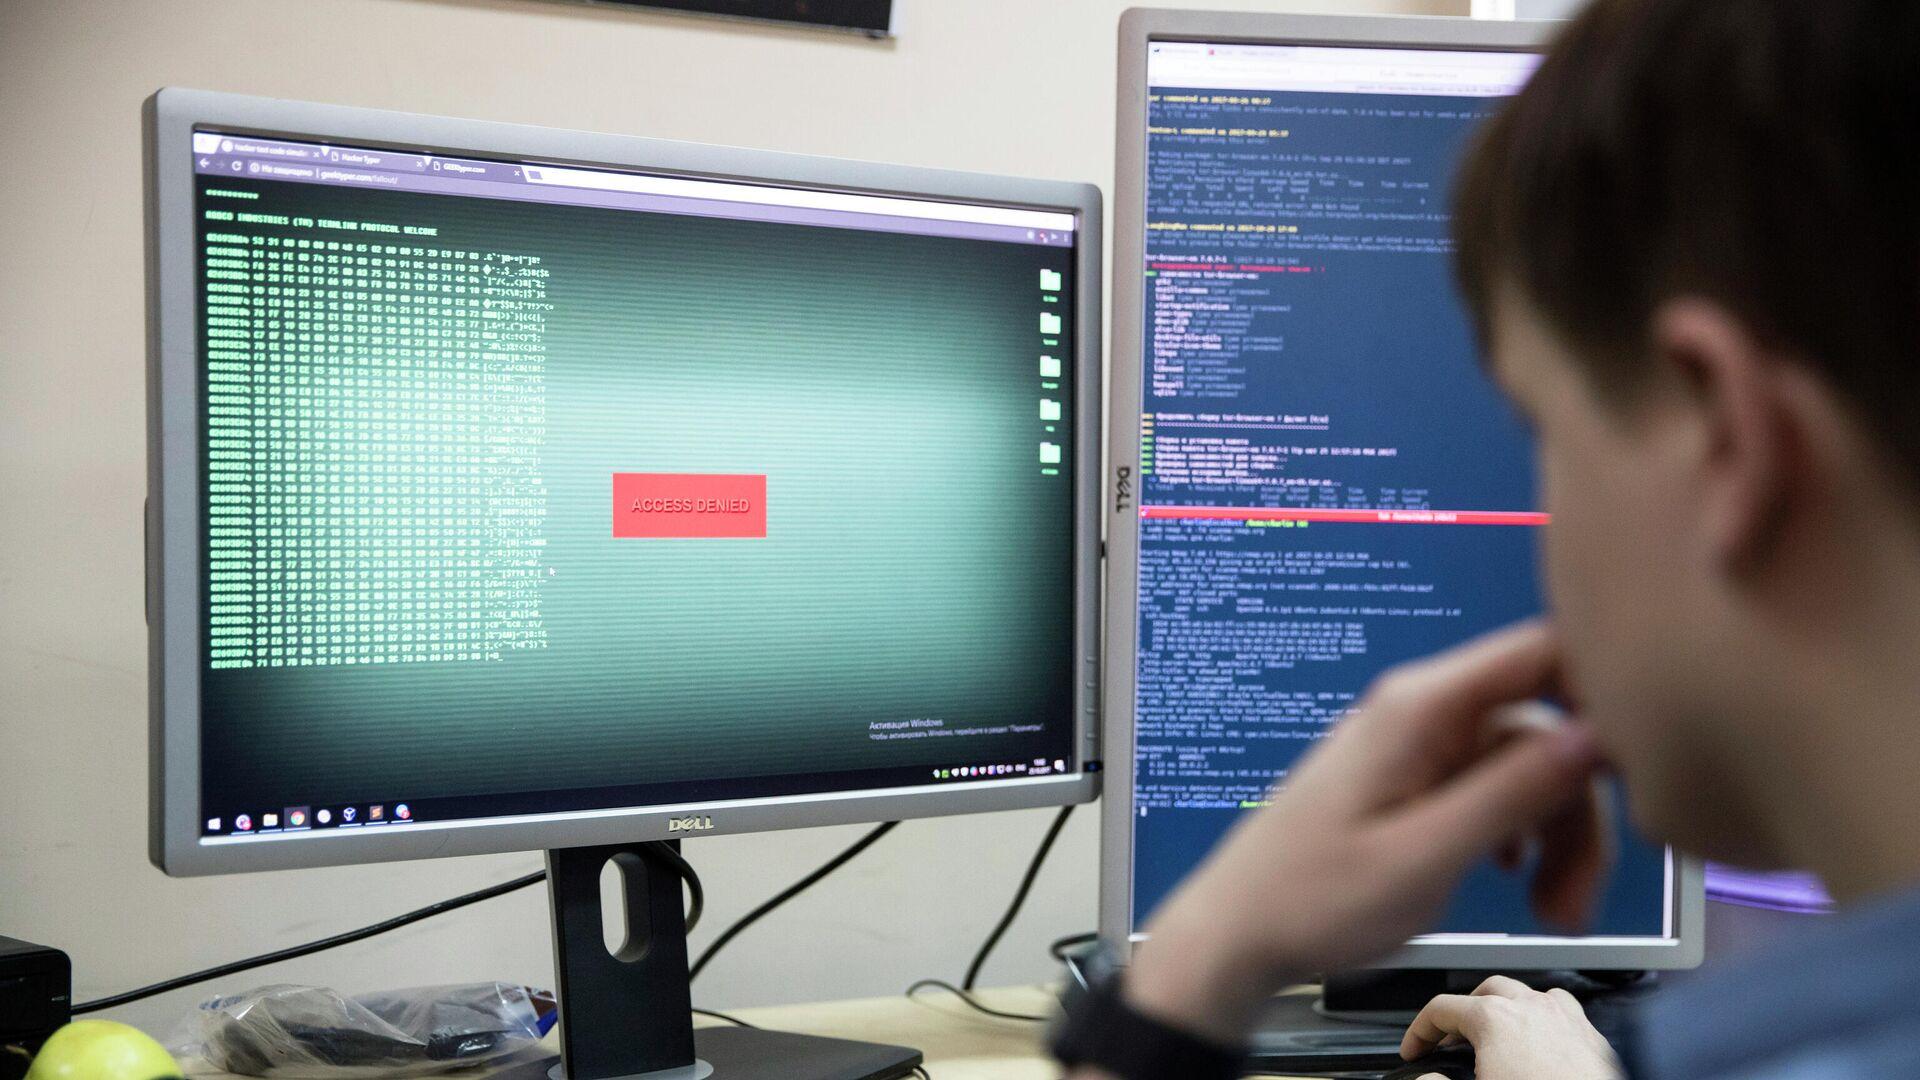 Group-IB опровергла сообщения об обысках в офисе в Петербурге